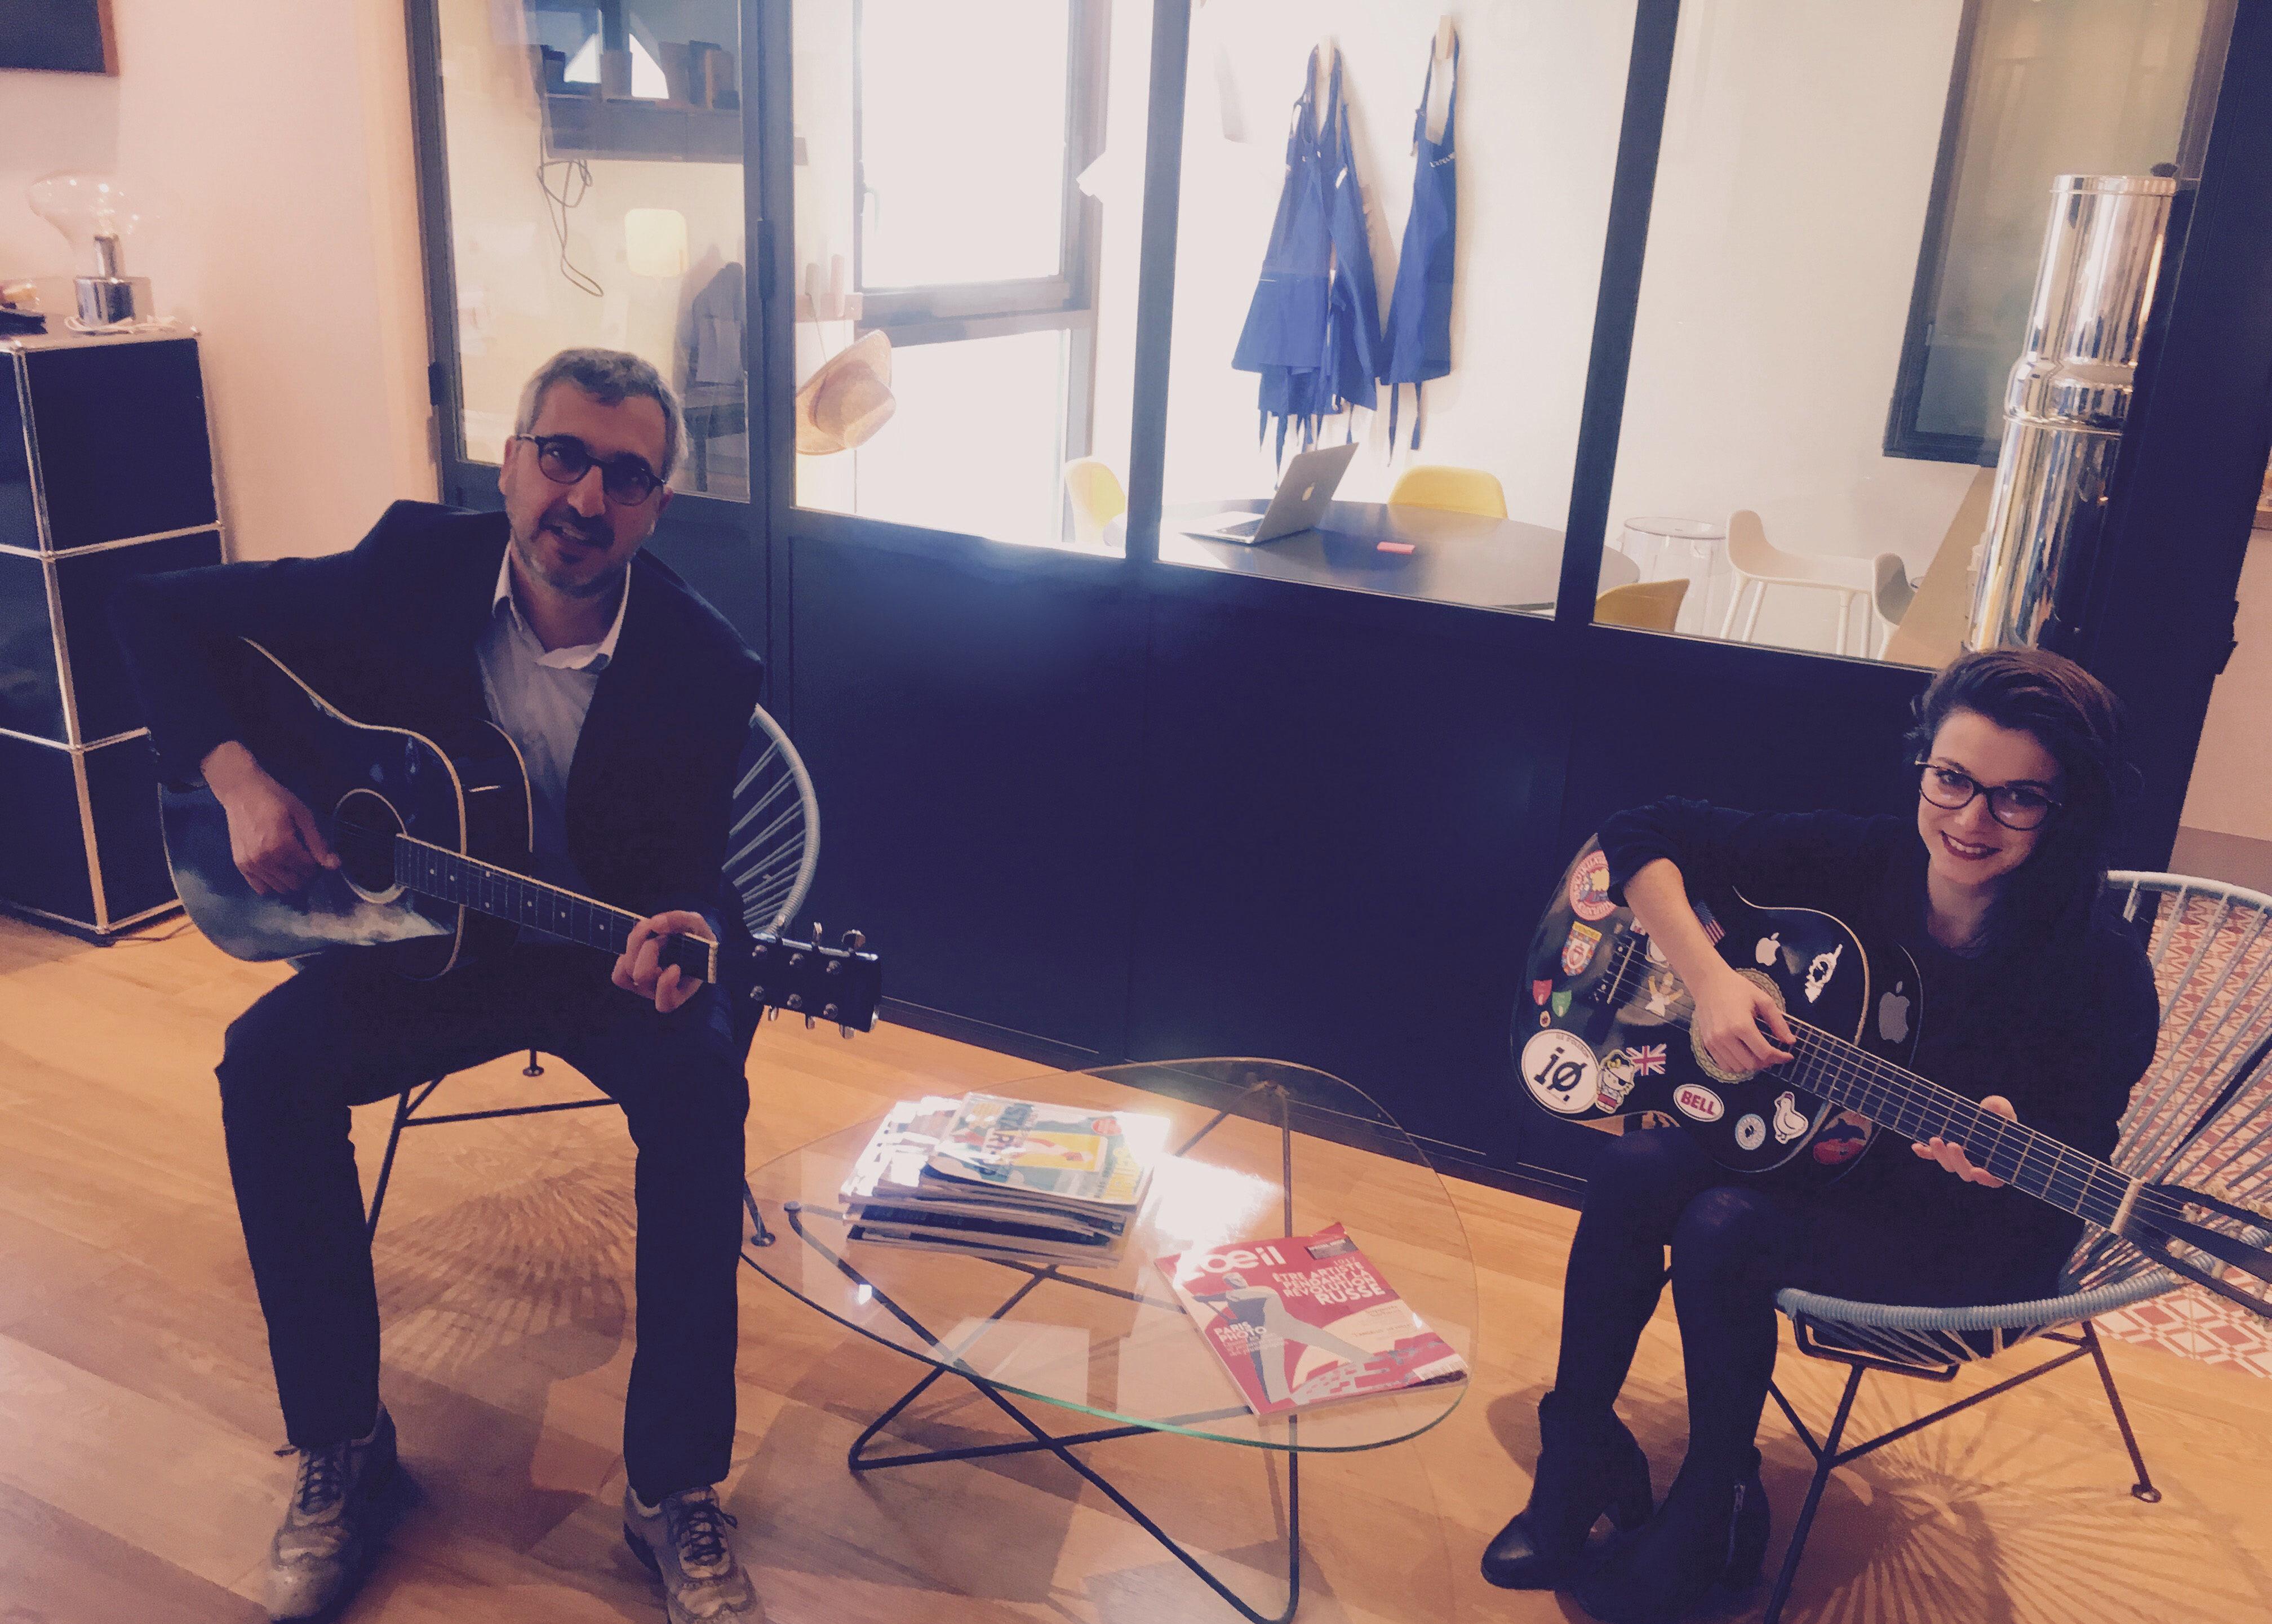 Tony et Célia à la guitare